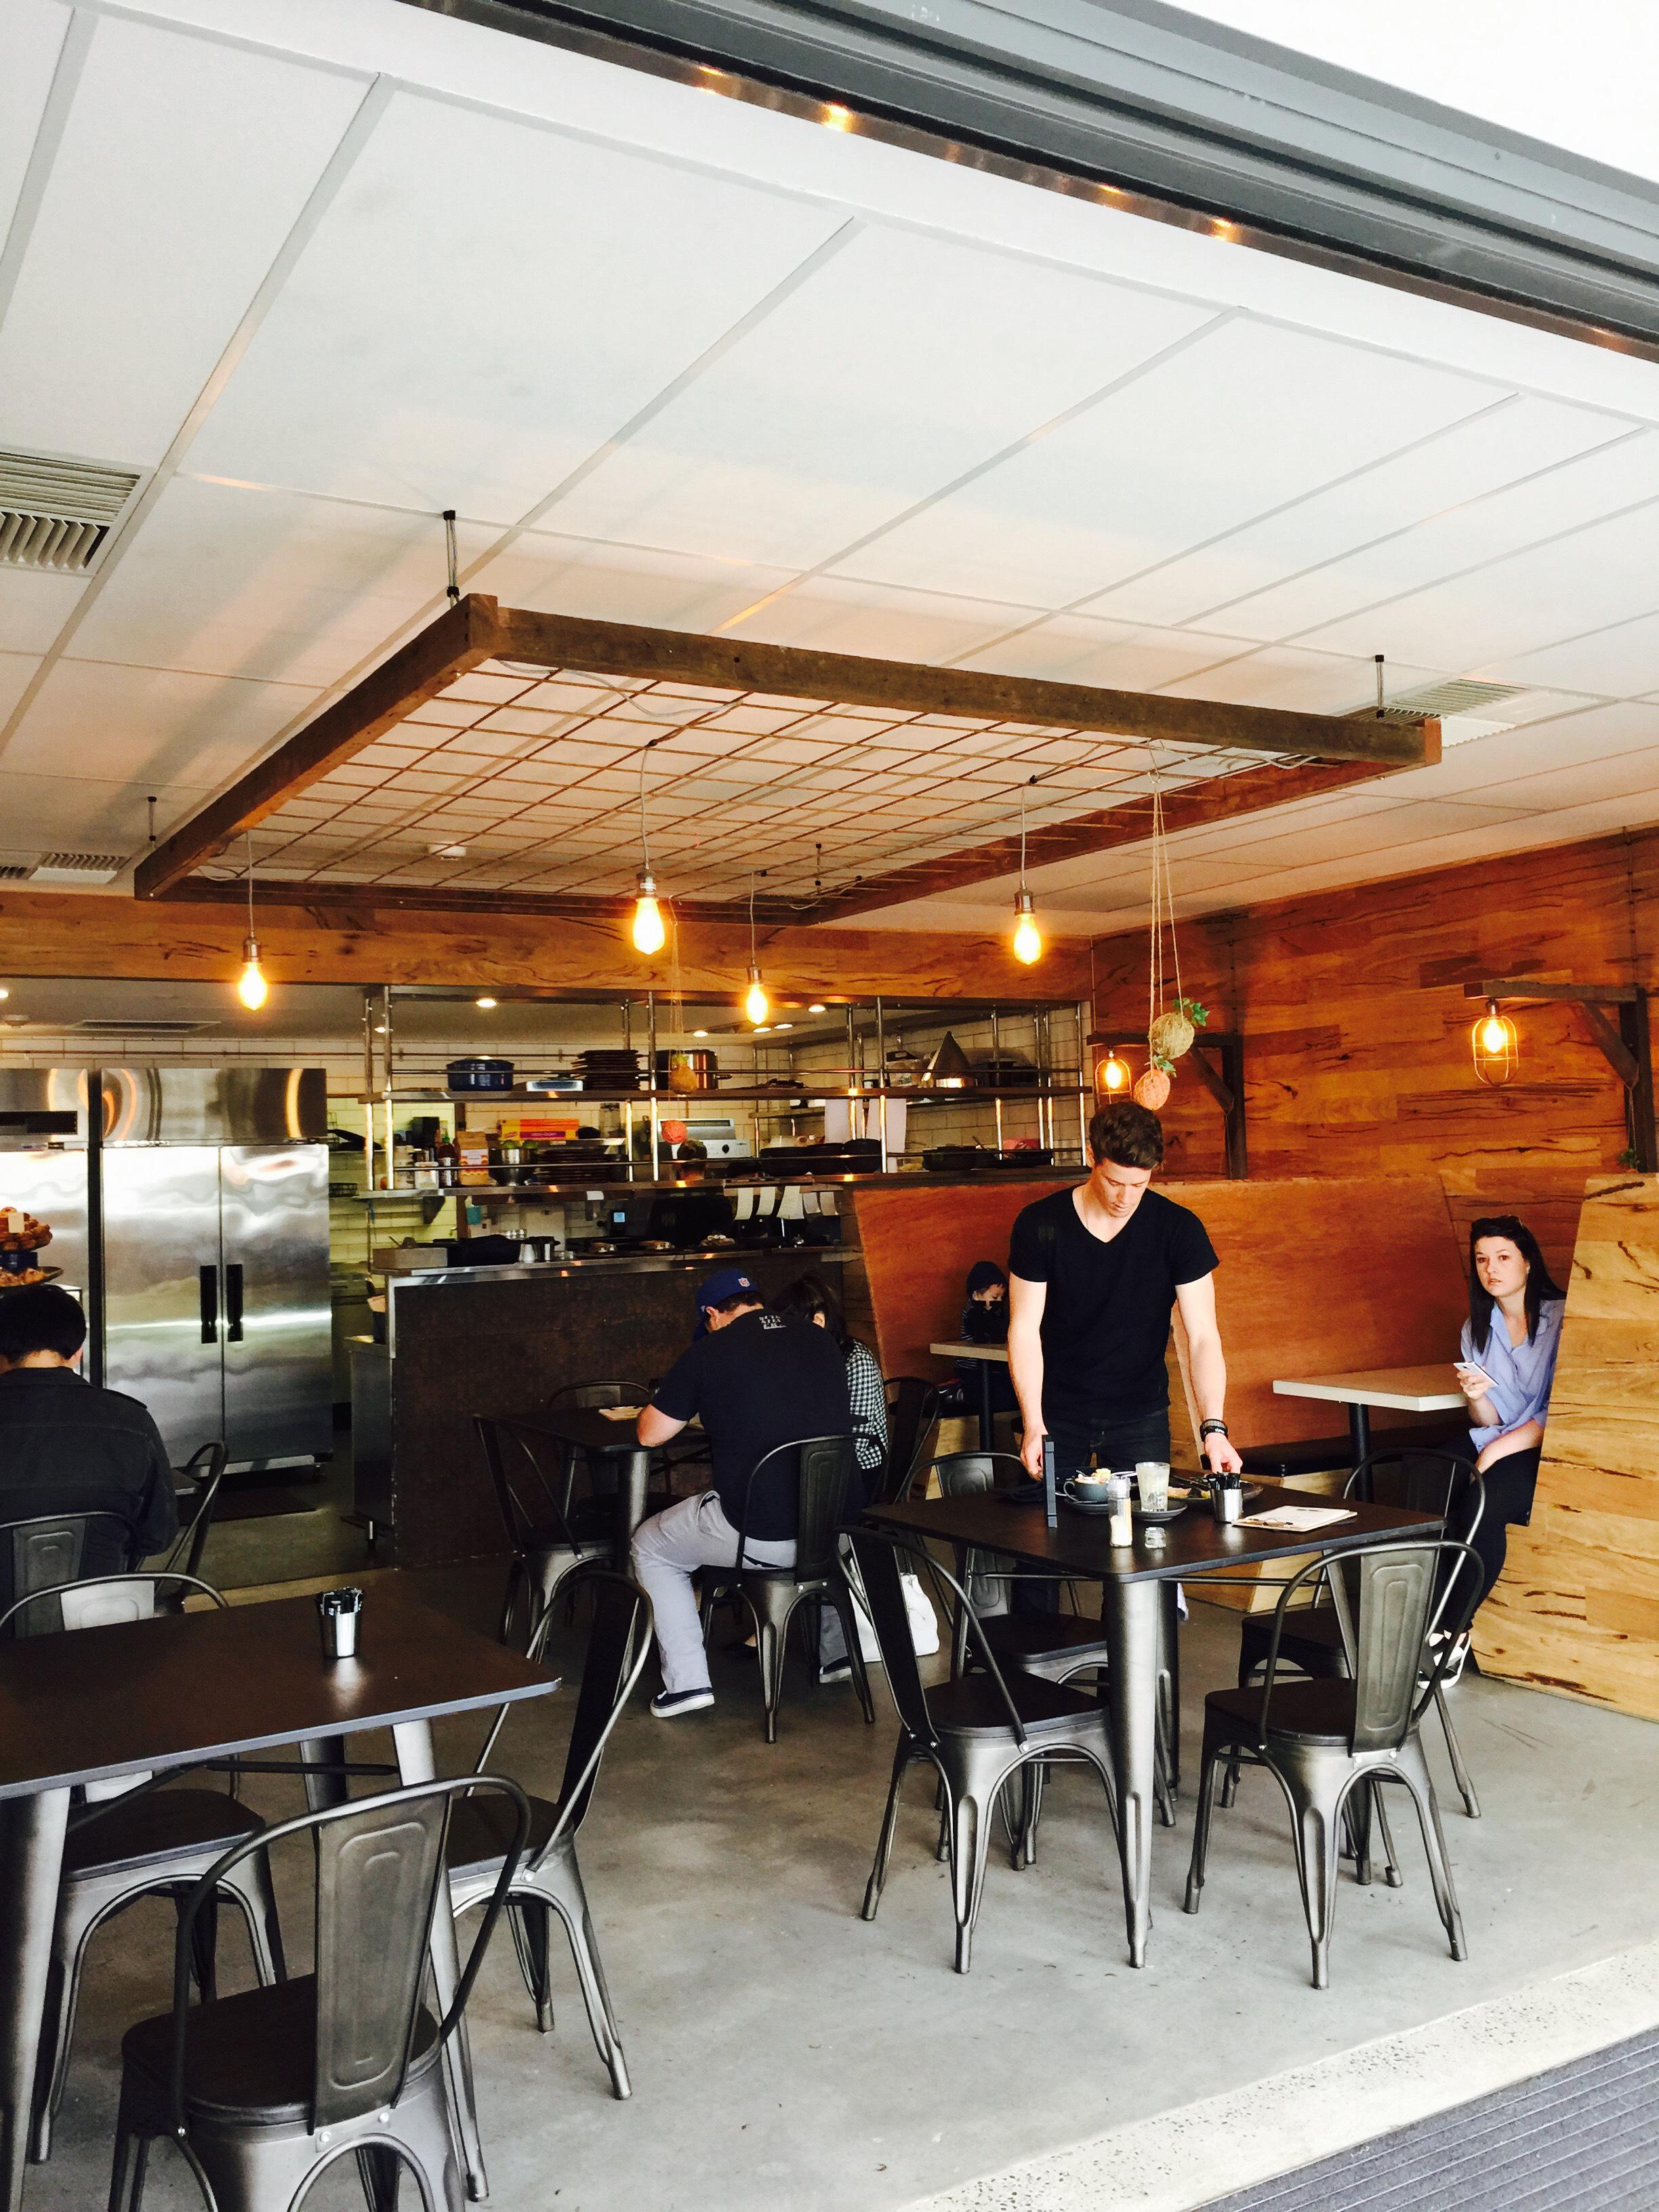 Timber Cafe Interior